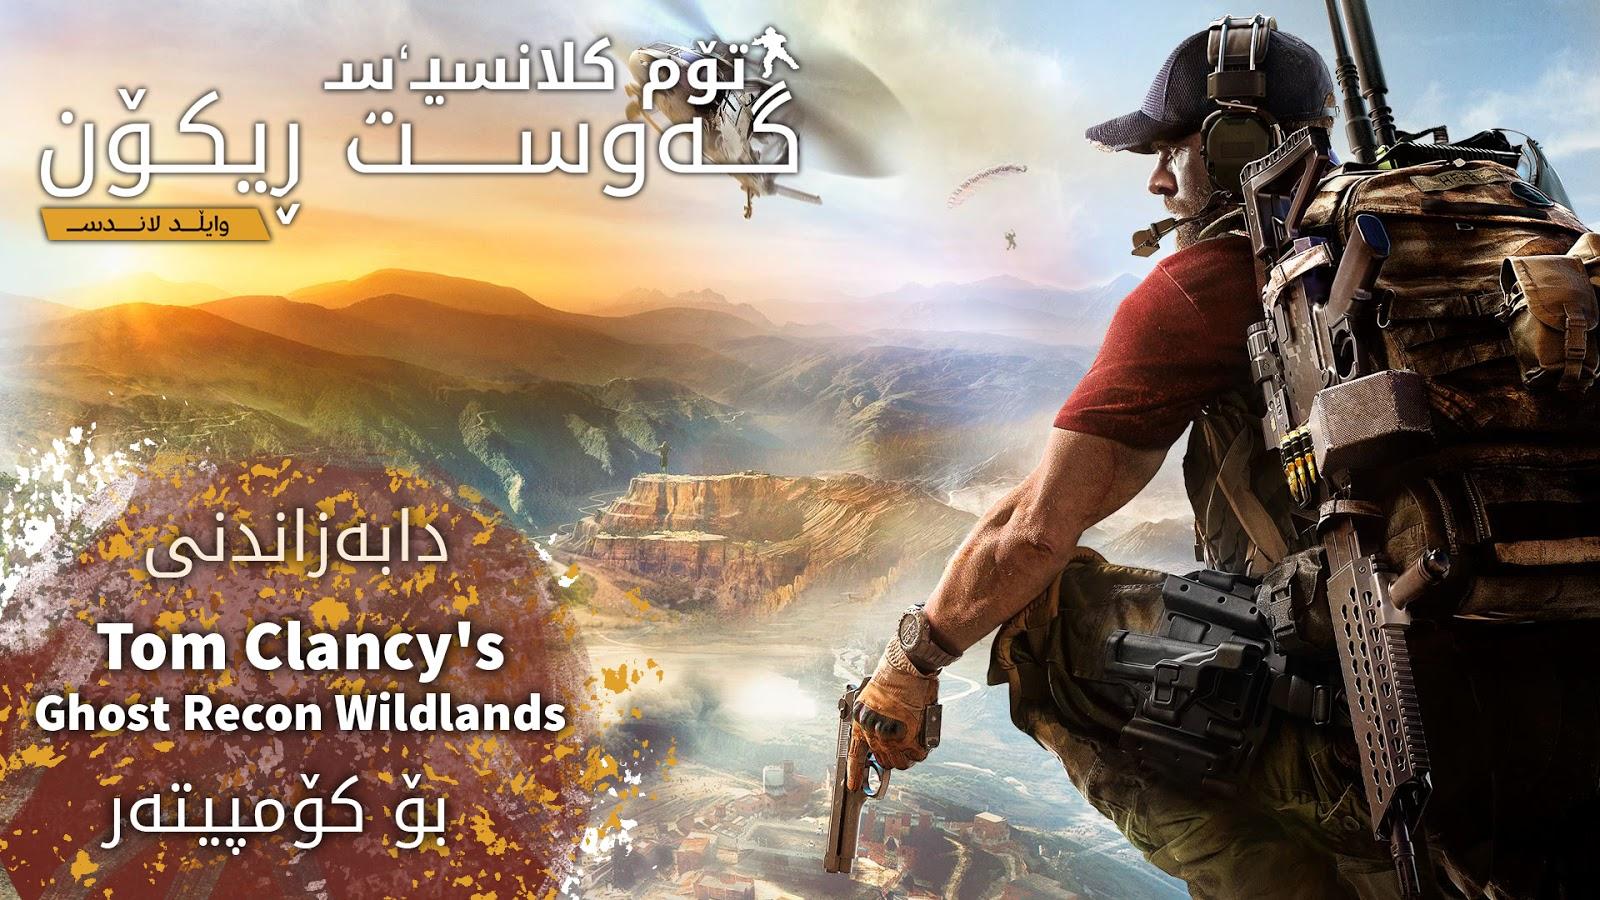 داگرتنی یاری Tom Clancy's Ghost Recon Wildlands بۆ كۆمپیوتهر